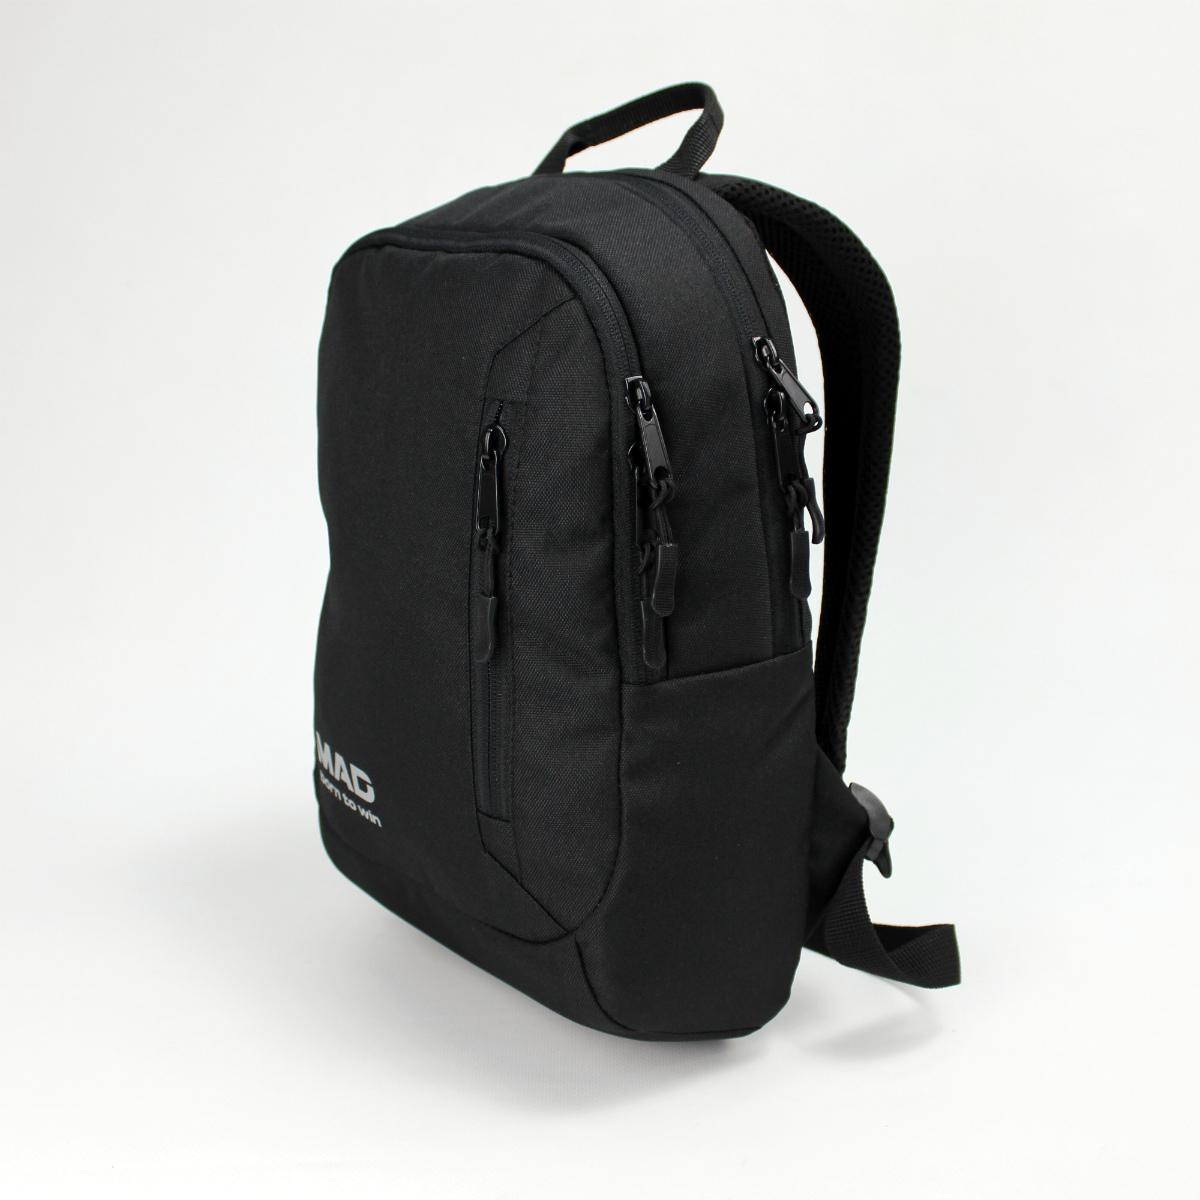 рюкзак женский черный, черный женский рюкзак, черный тканевый рюкзак, рюкзак тканевый женский, рюкзак женский тканевый,